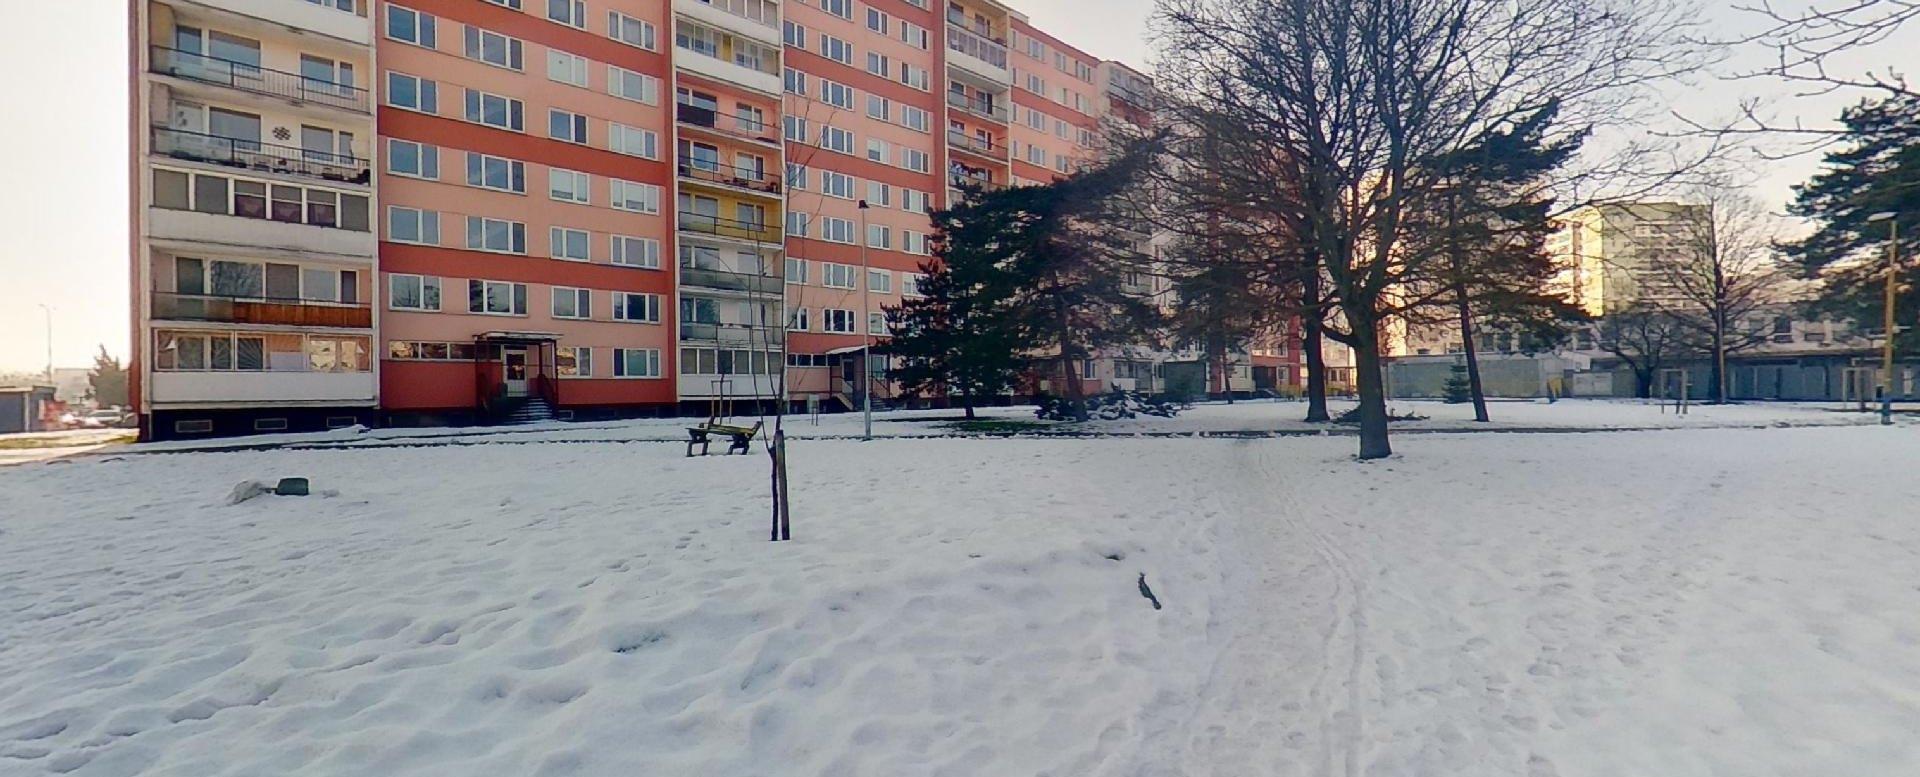 Pohľad na okolie bytového domu